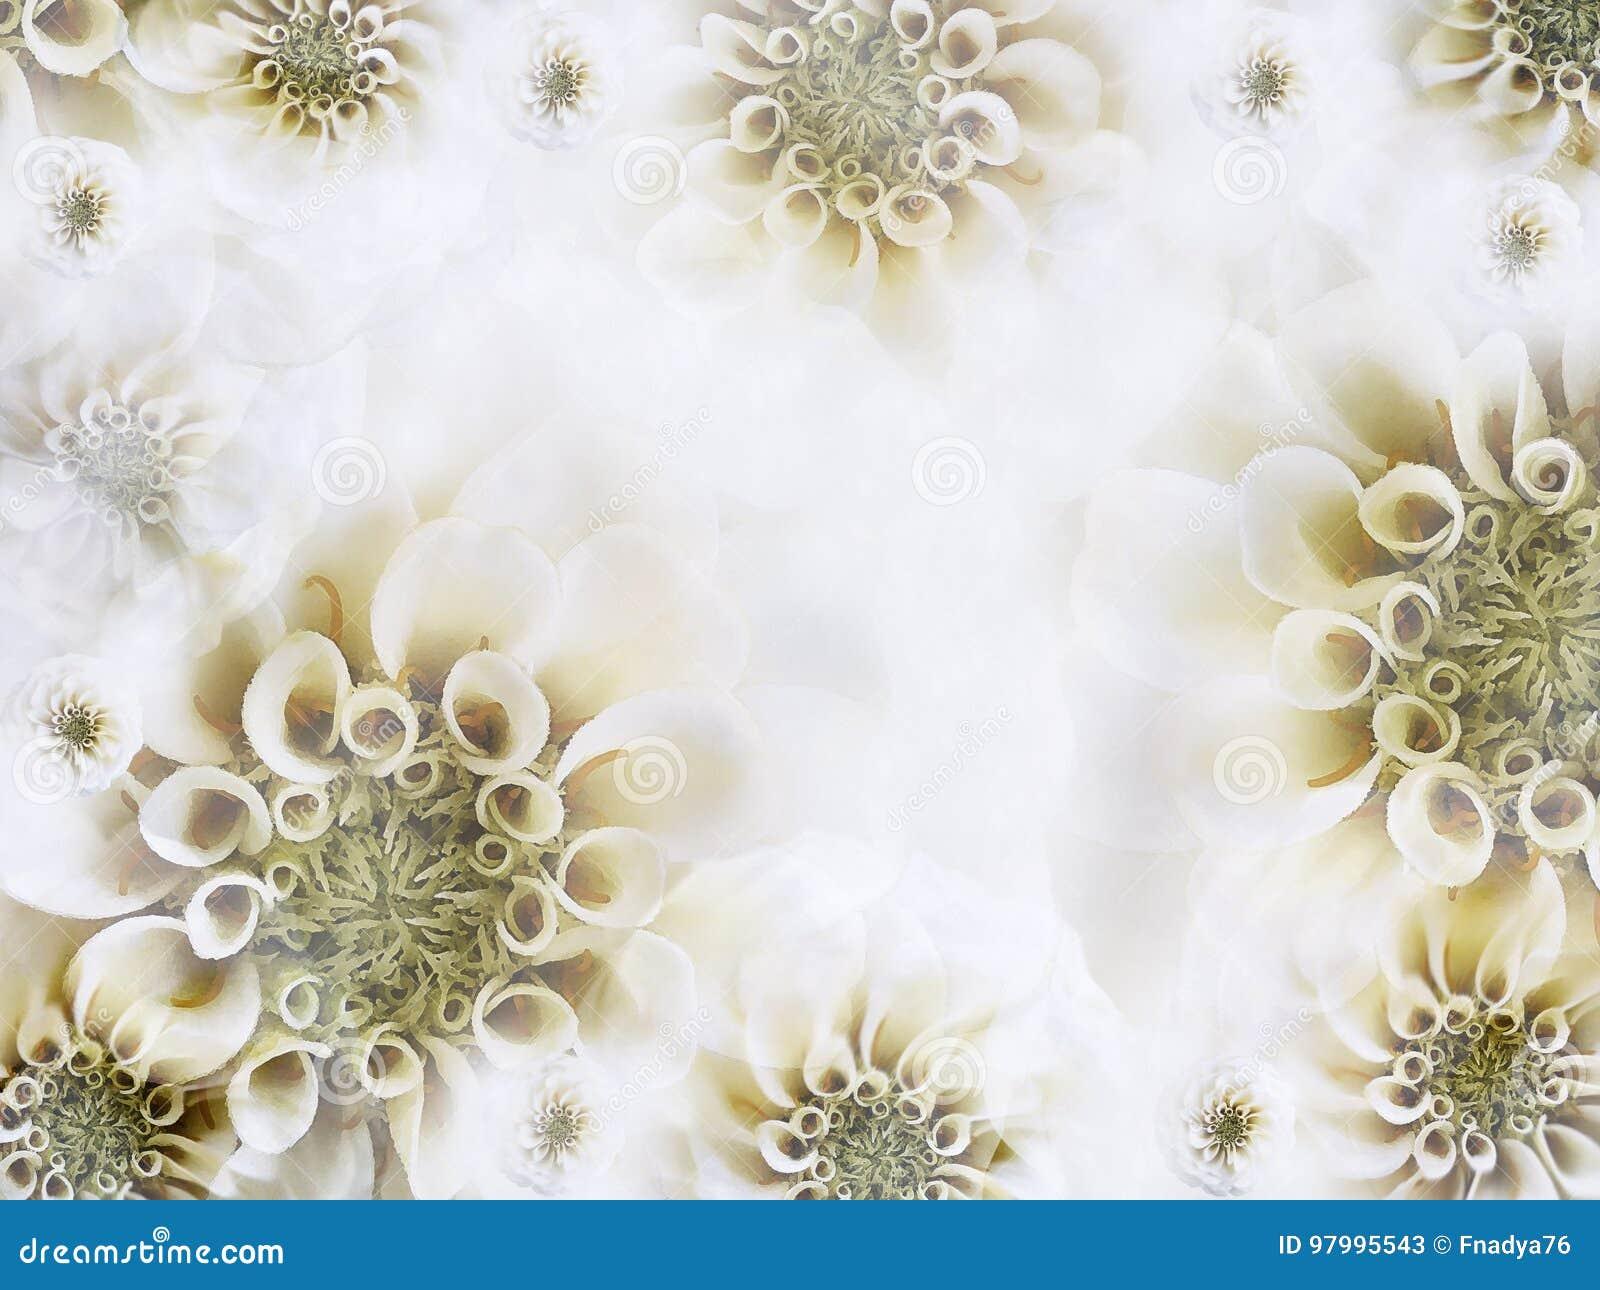 花卉白黄色美好的背景 轻的白花墙纸  背景构成旋花植物空白花的郁金香